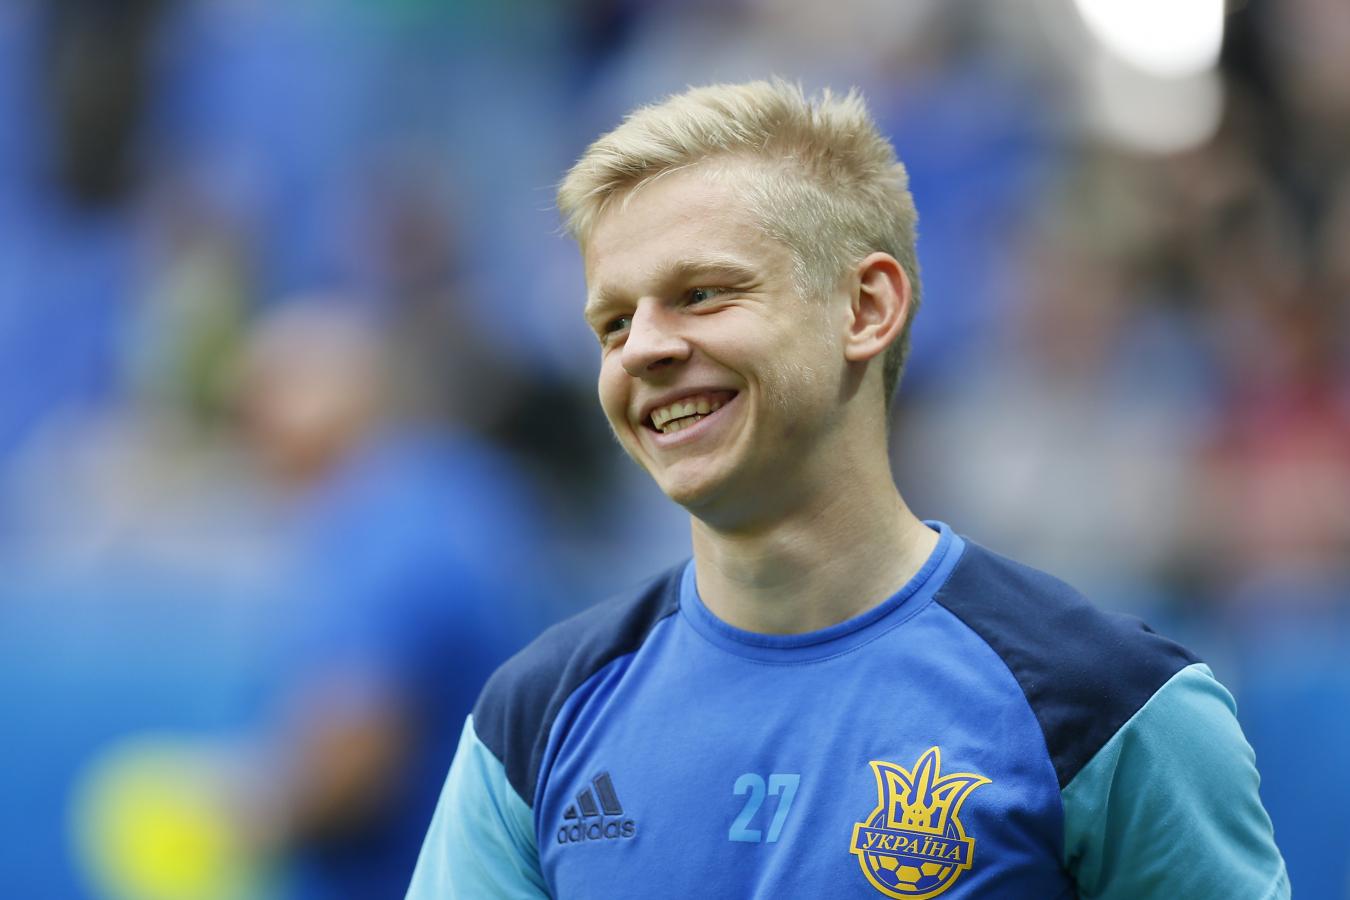 Орлов: если бы Зинченко взял российское гражданство, то оказался бы в «Зените»